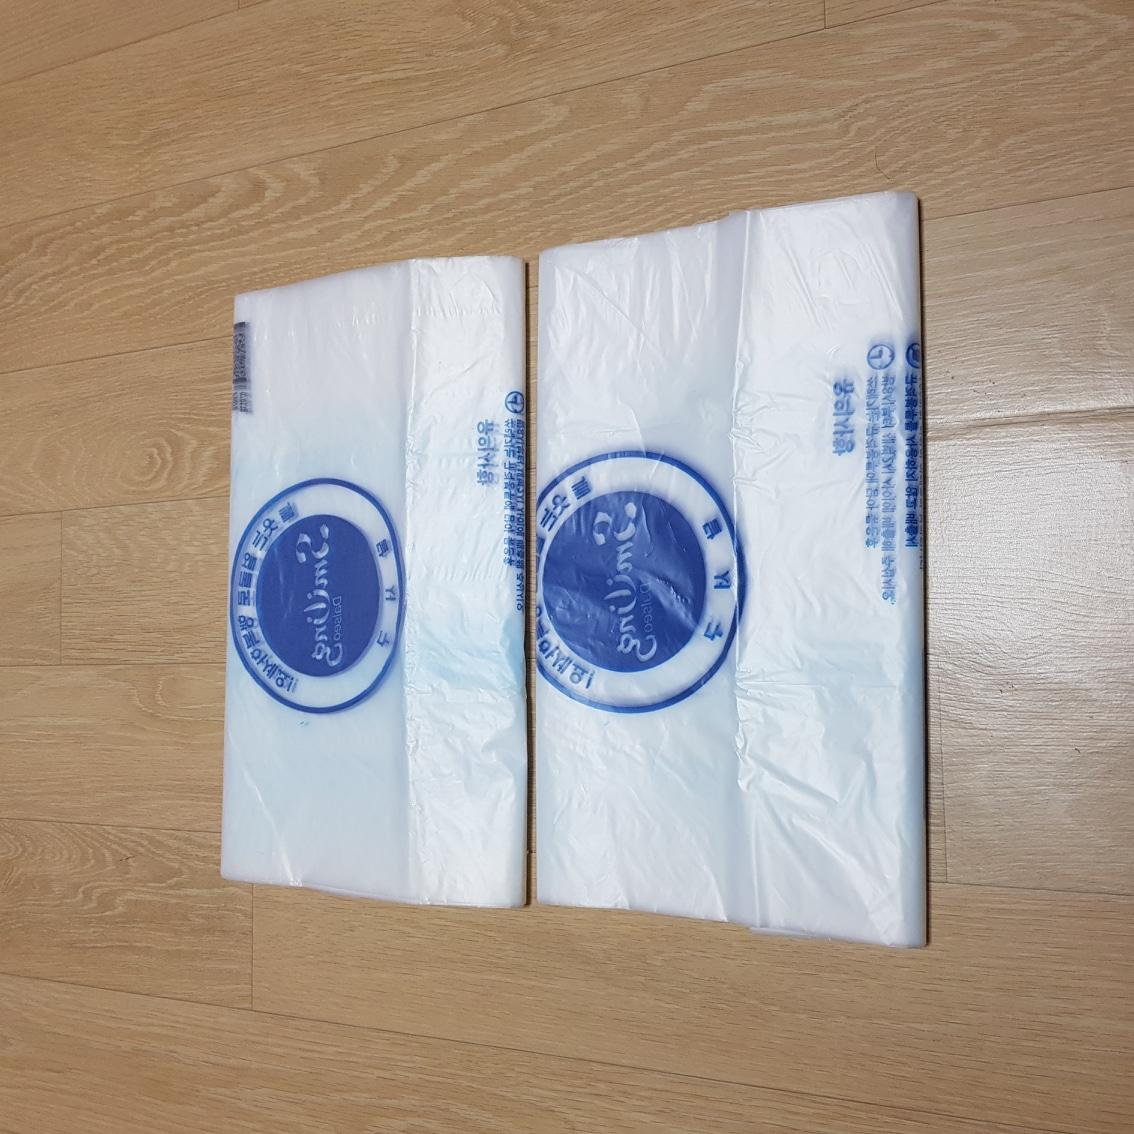 달서구 종량제 봉투